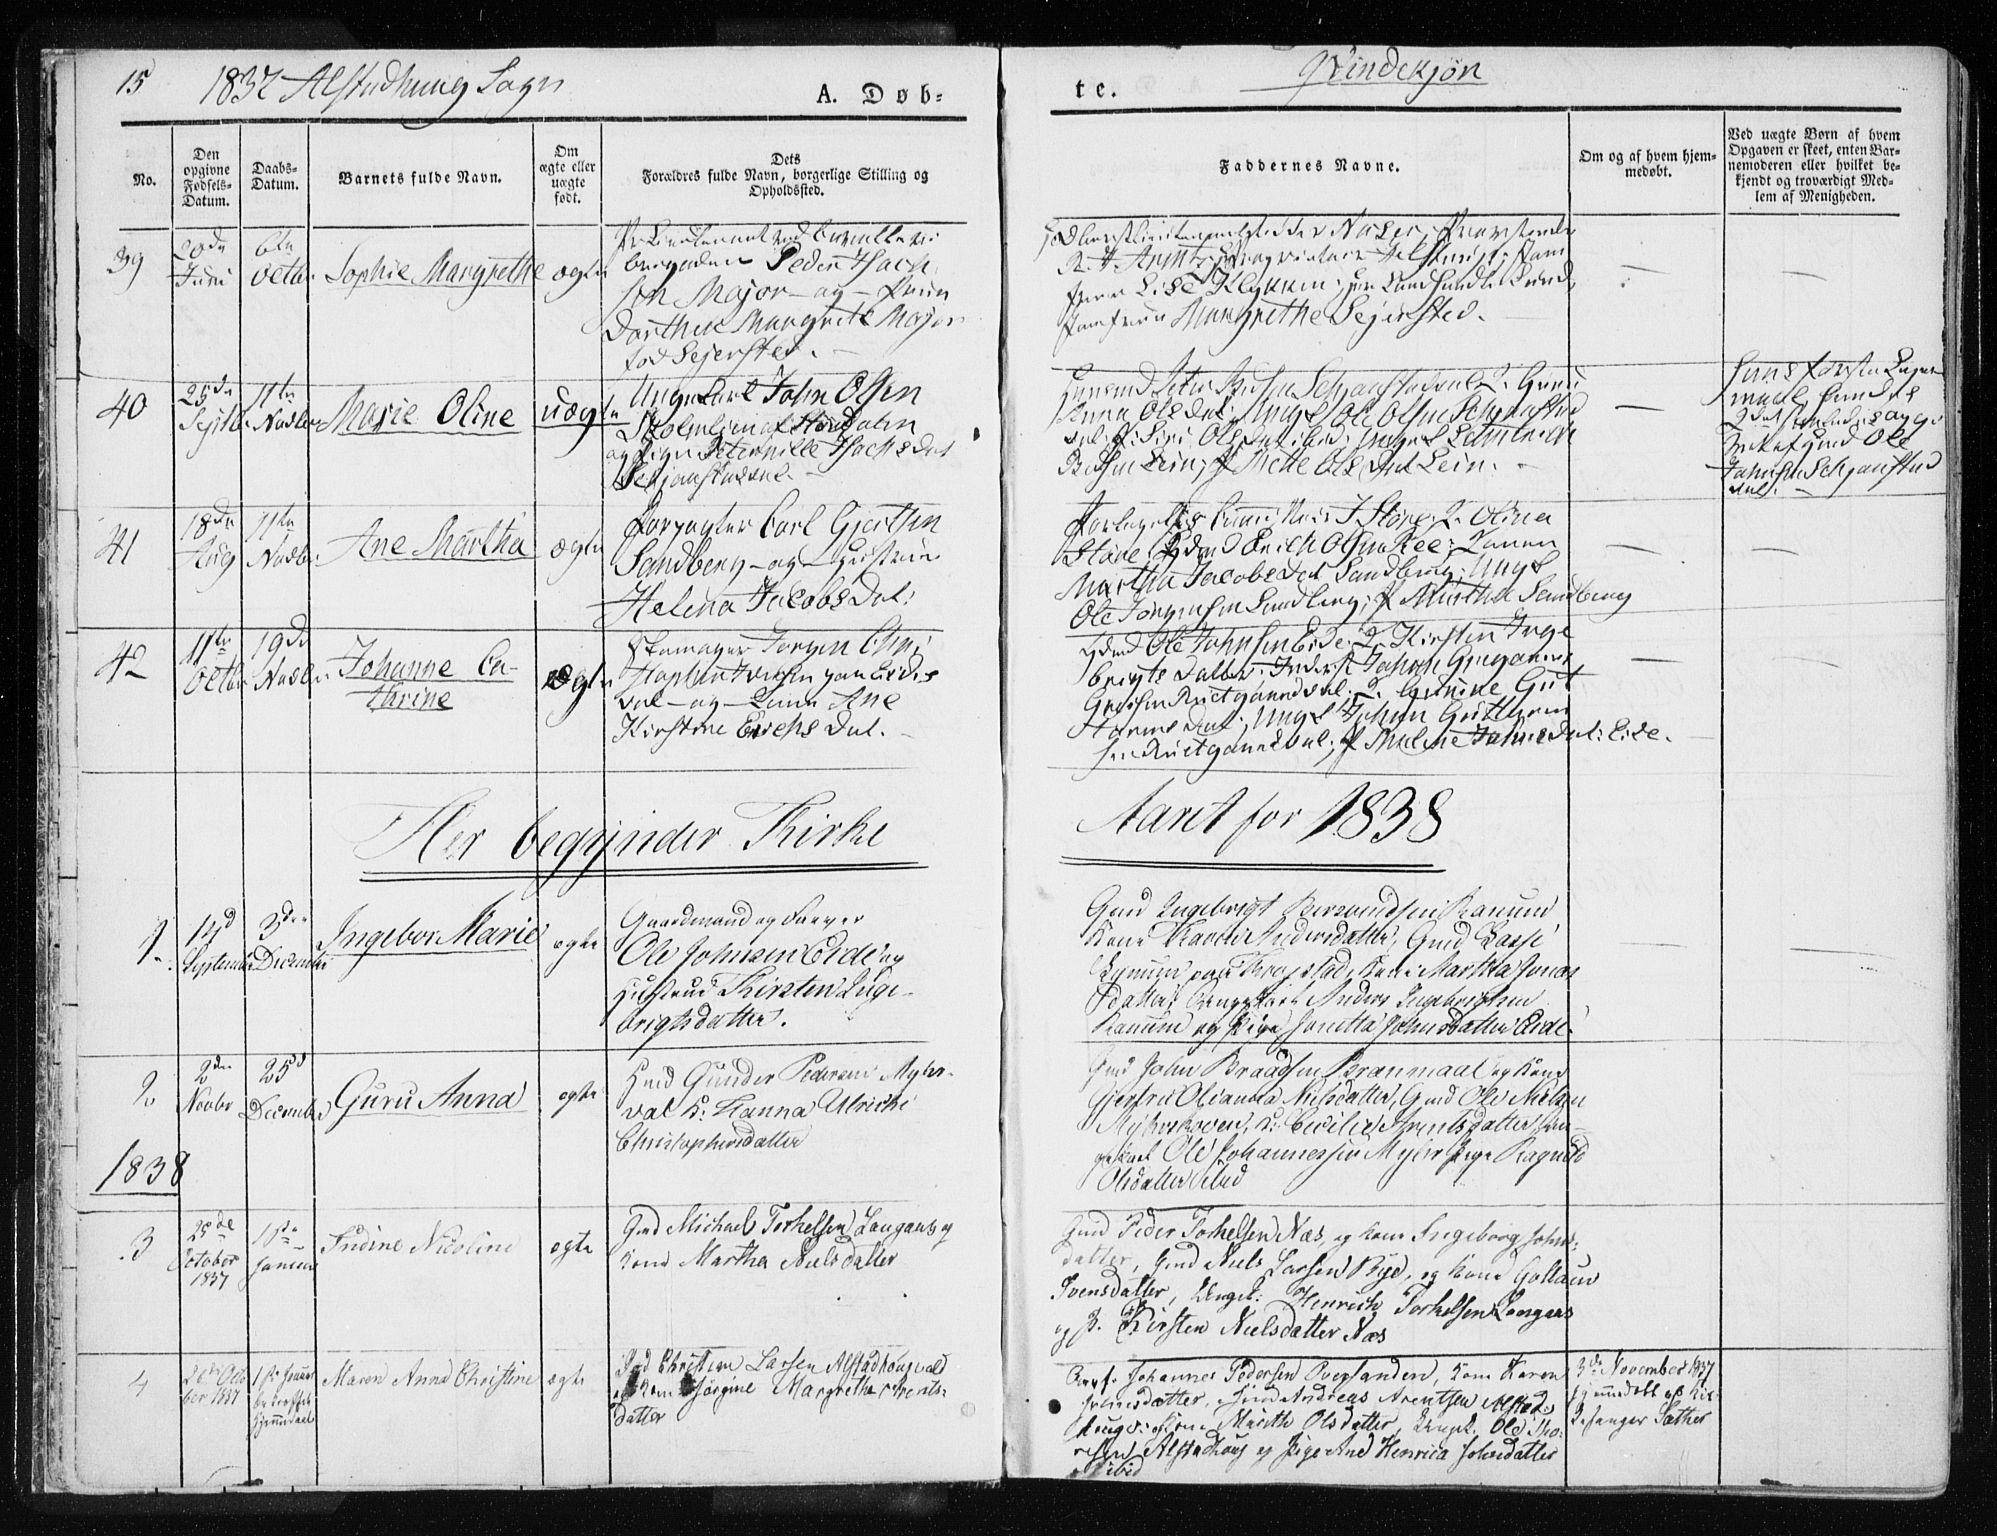 SAT, Ministerialprotokoller, klokkerbøker og fødselsregistre - Nord-Trøndelag, 717/L0154: Ministerialbok nr. 717A06 /1, 1836-1849, s. 15